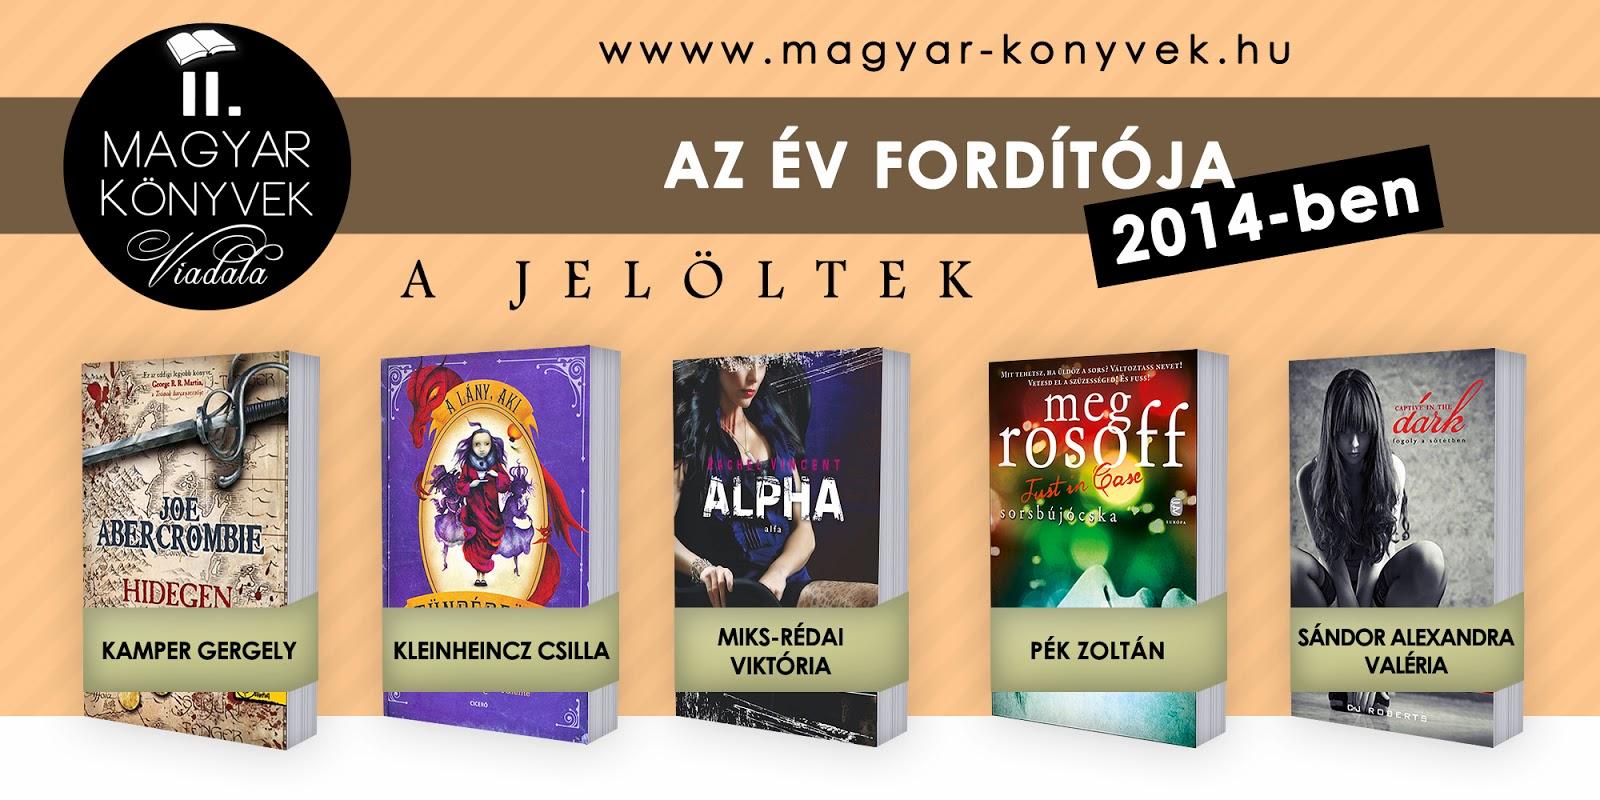 http://www.magyar-konyvek.hu/2015/03/04/szavazas-az-ev-forditoja-2014-ben/